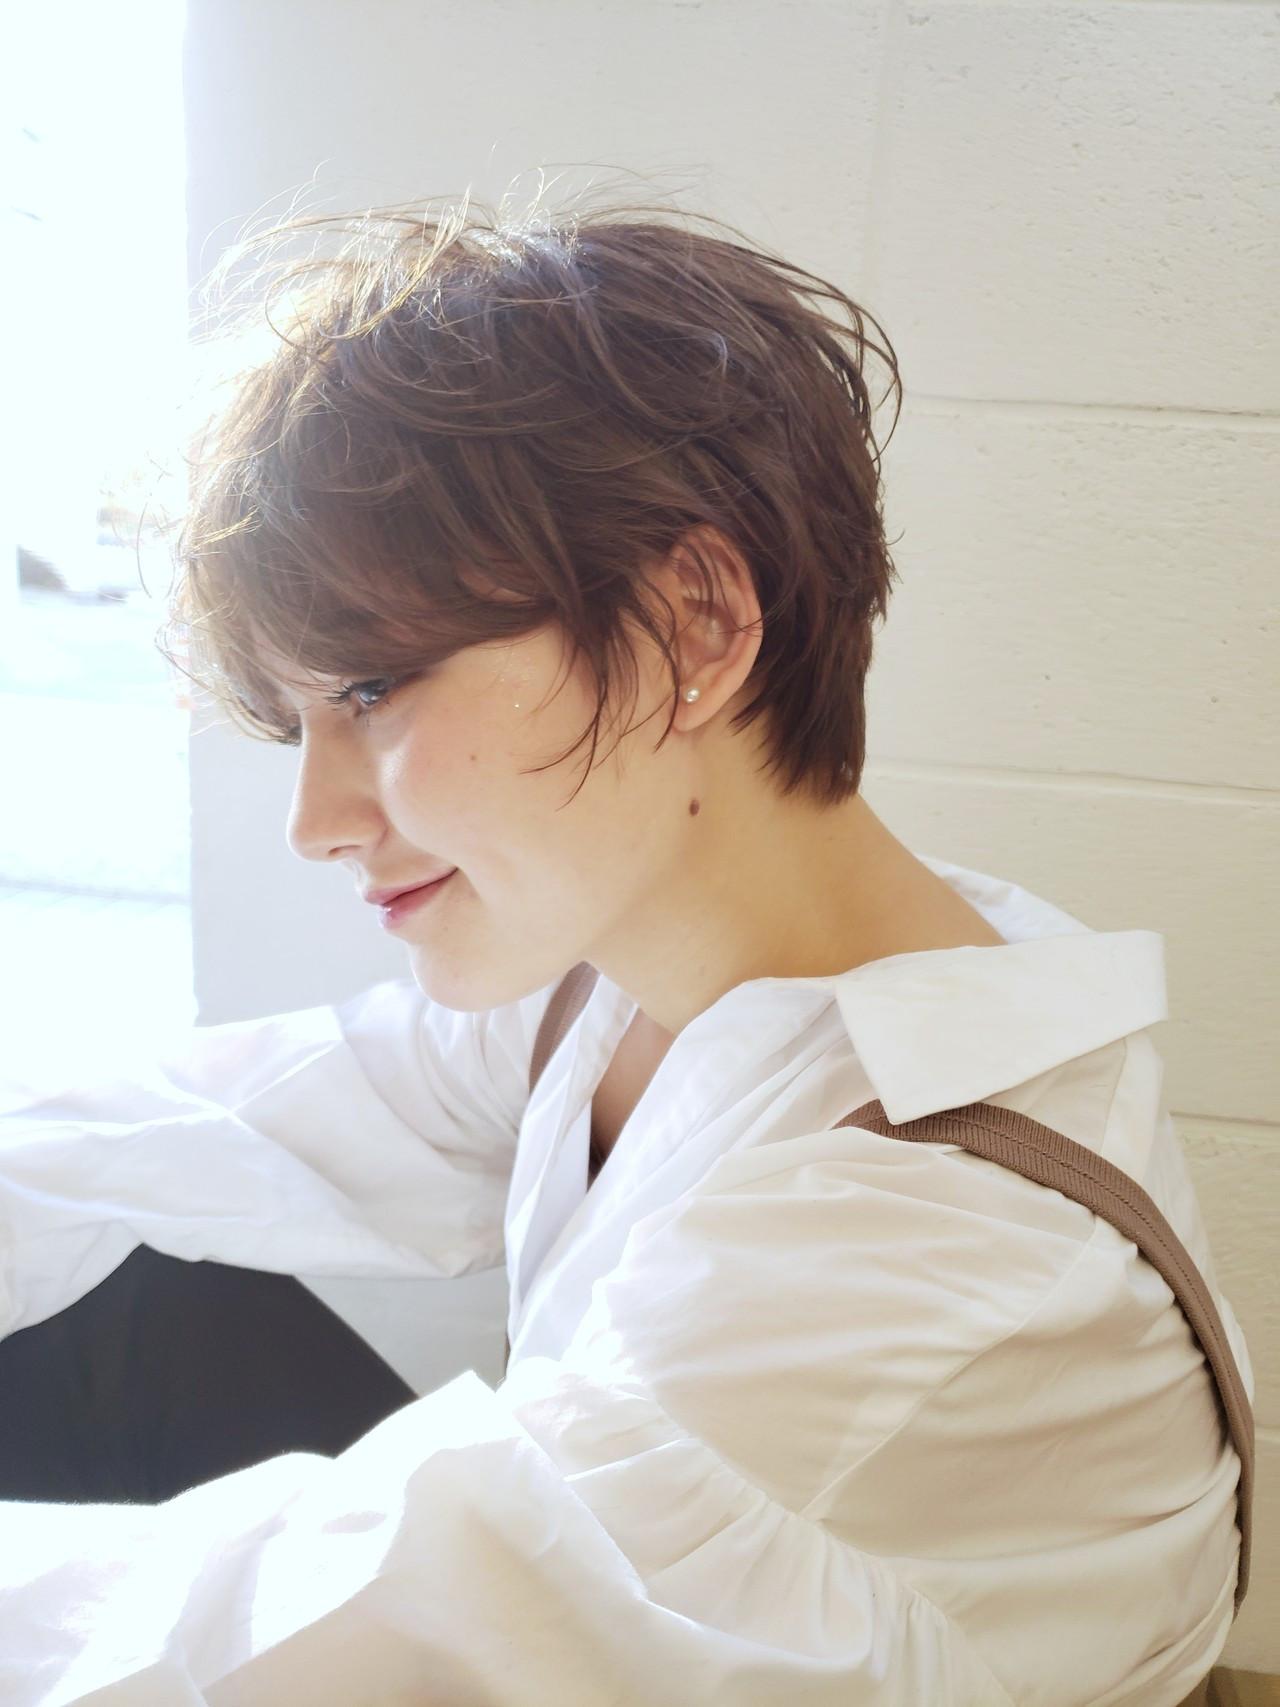 ショートヘア ハンサムショート ニュアンスパーマ マッシュショート ヘアスタイルや髪型の写真・画像